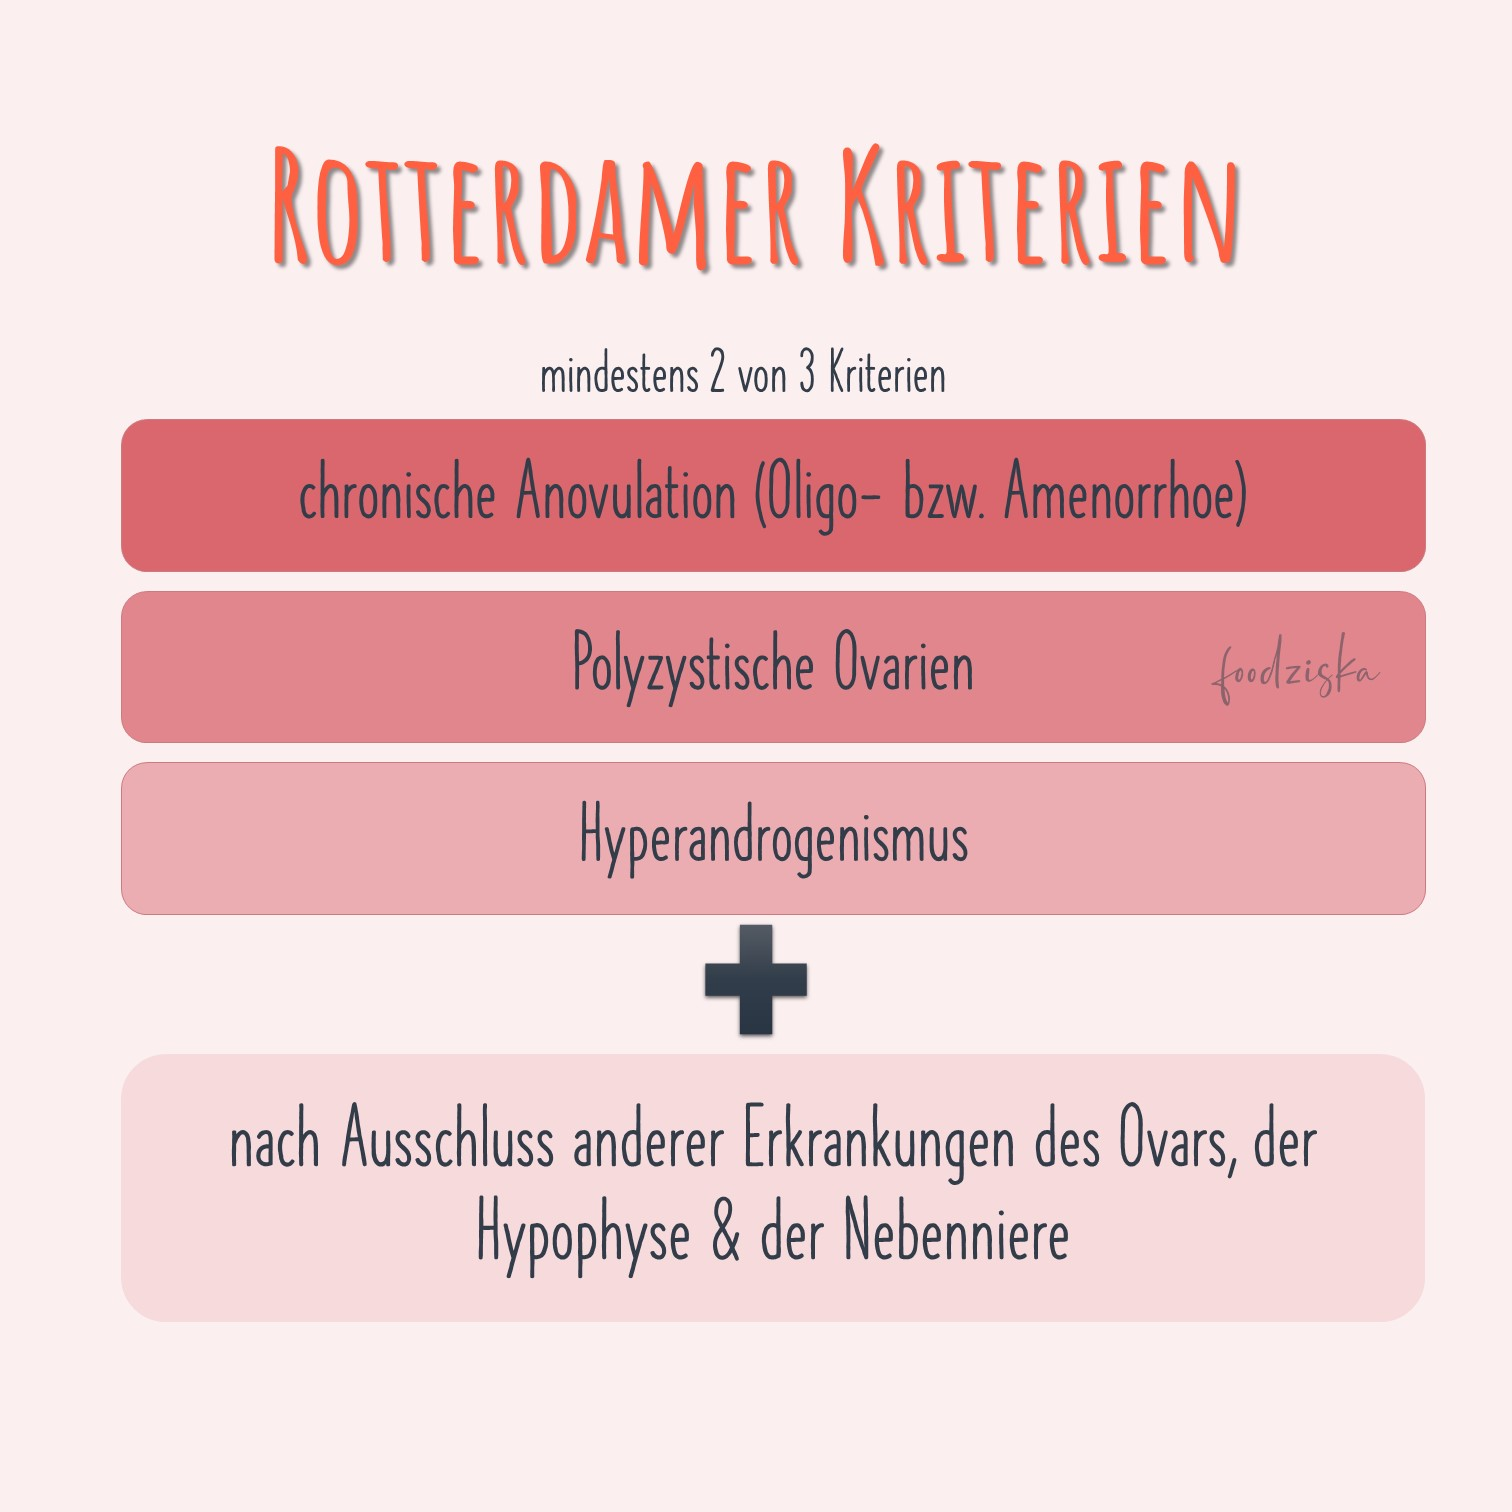 Rotterdammer Kriterien